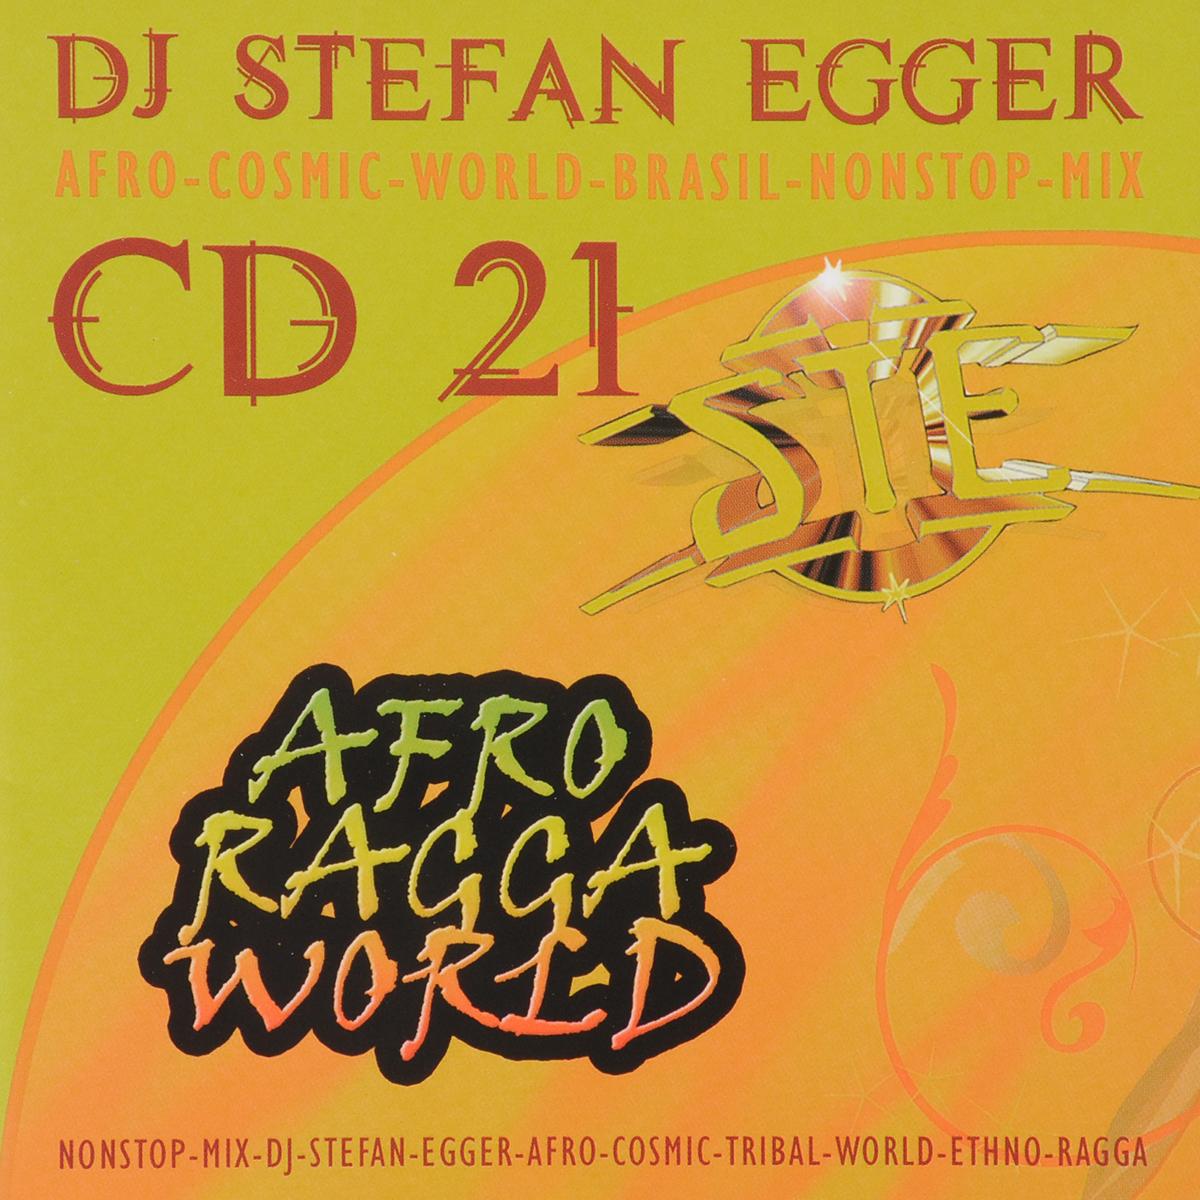 лучшая цена Stefan Egger / DJ Stefan Egger Dj Stefan Egger. Afro Ragga World CD 21